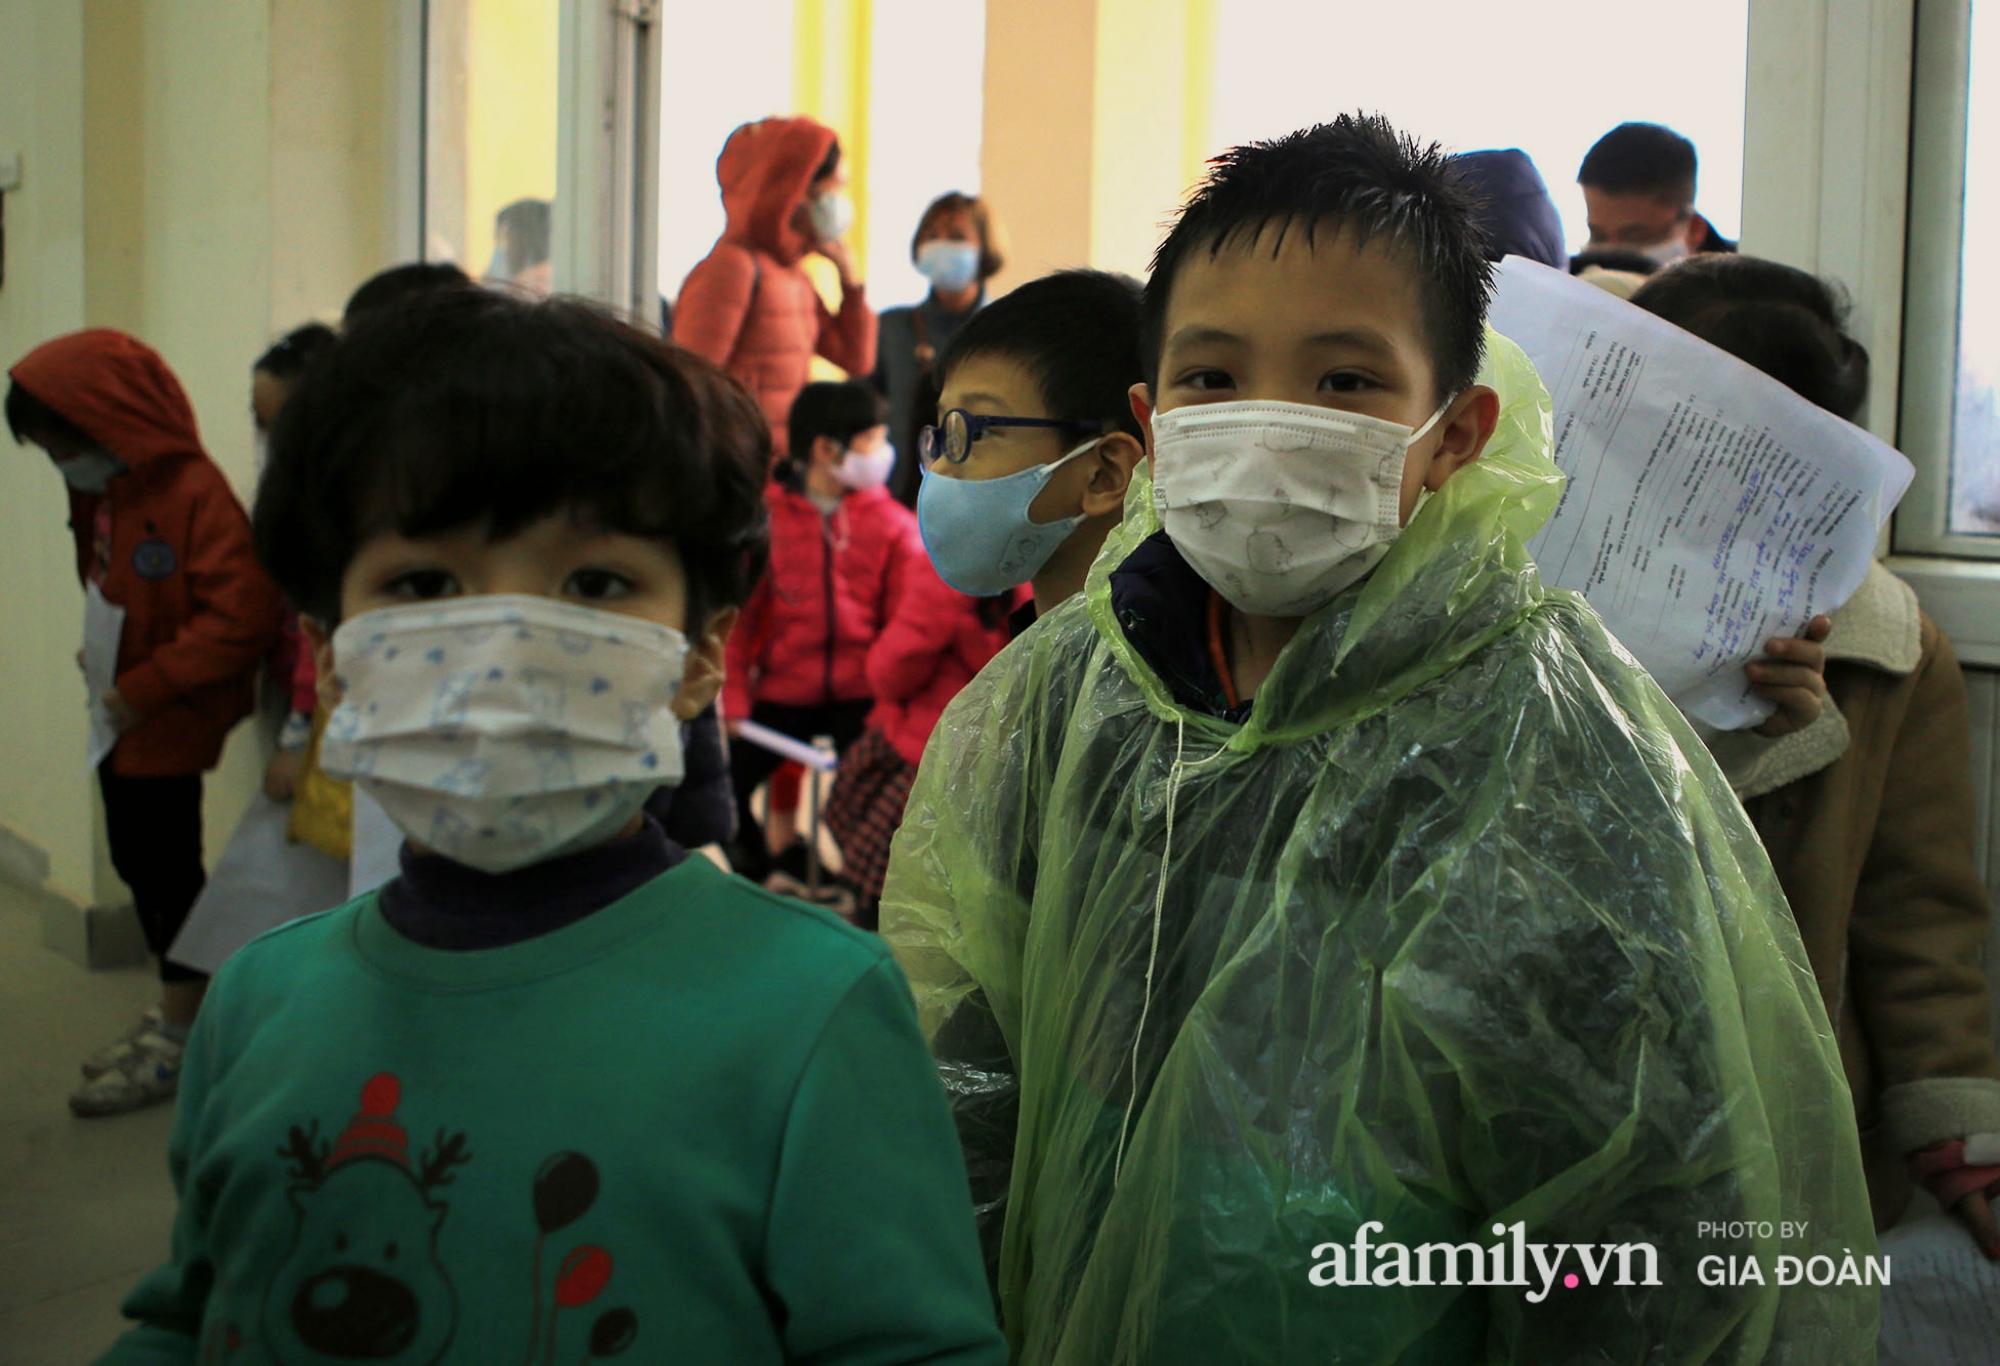 Hàng trăm F2 có liên quan đến học sinh đang cách ly tại Trường tiểu học Xuân Phương đội mưa đi lấy mẫu xét nghiệm Covid-19 - Ảnh 5.